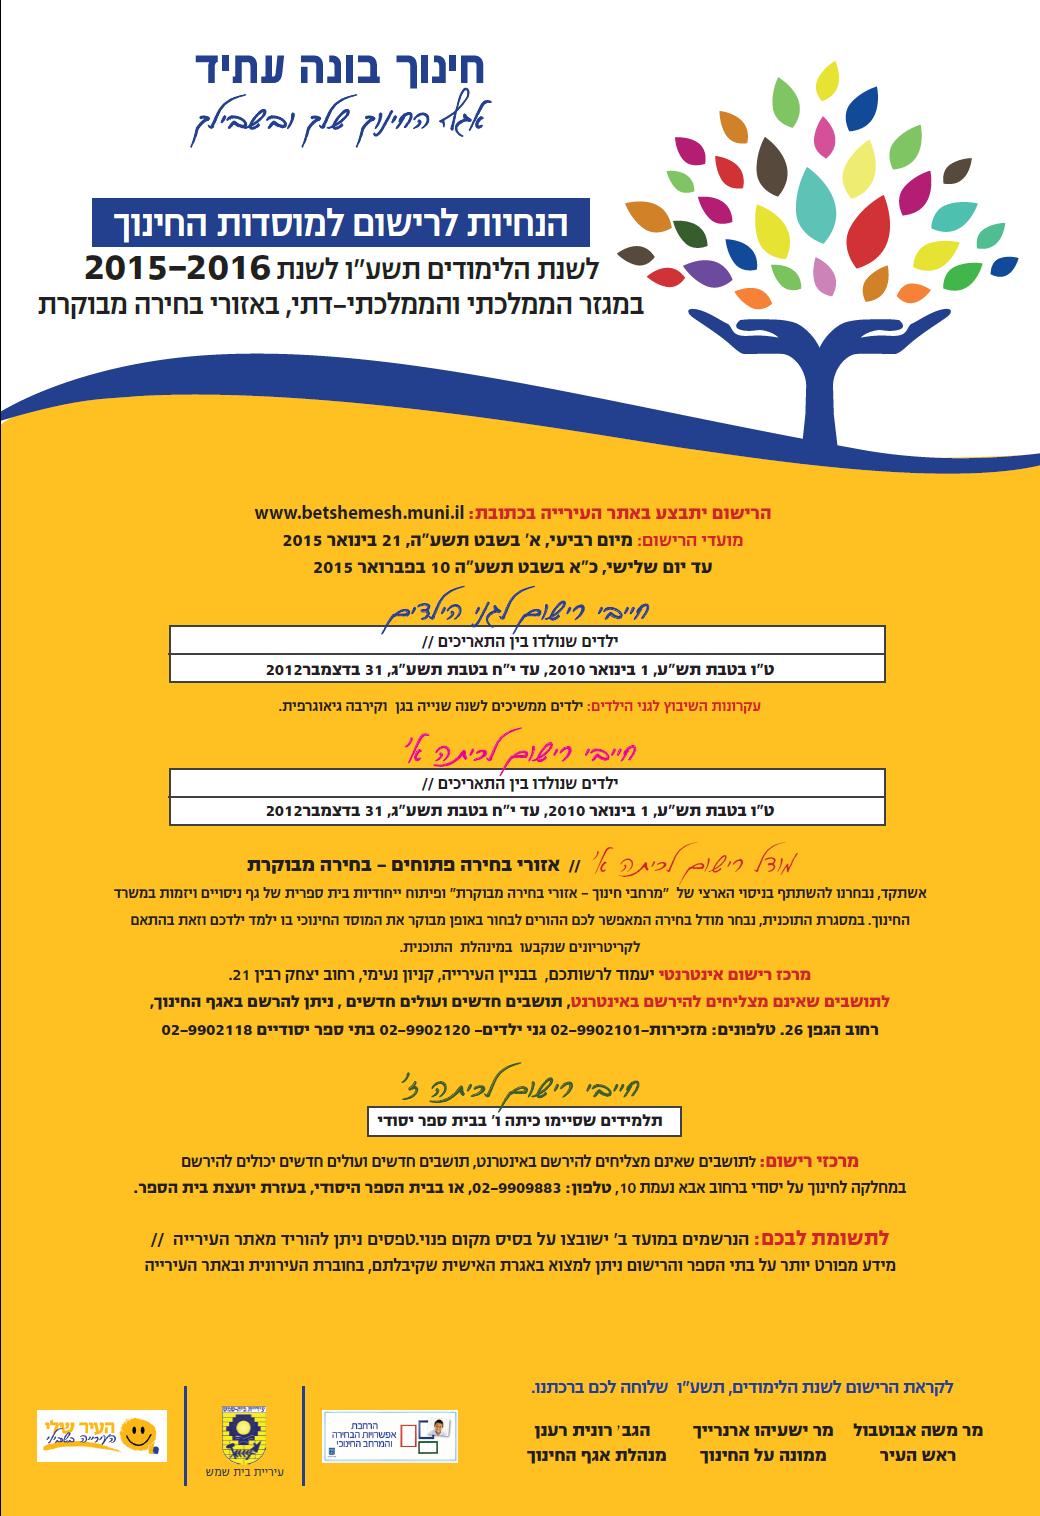 רישום לשנת הלימודים 2015 - מועדי רישום